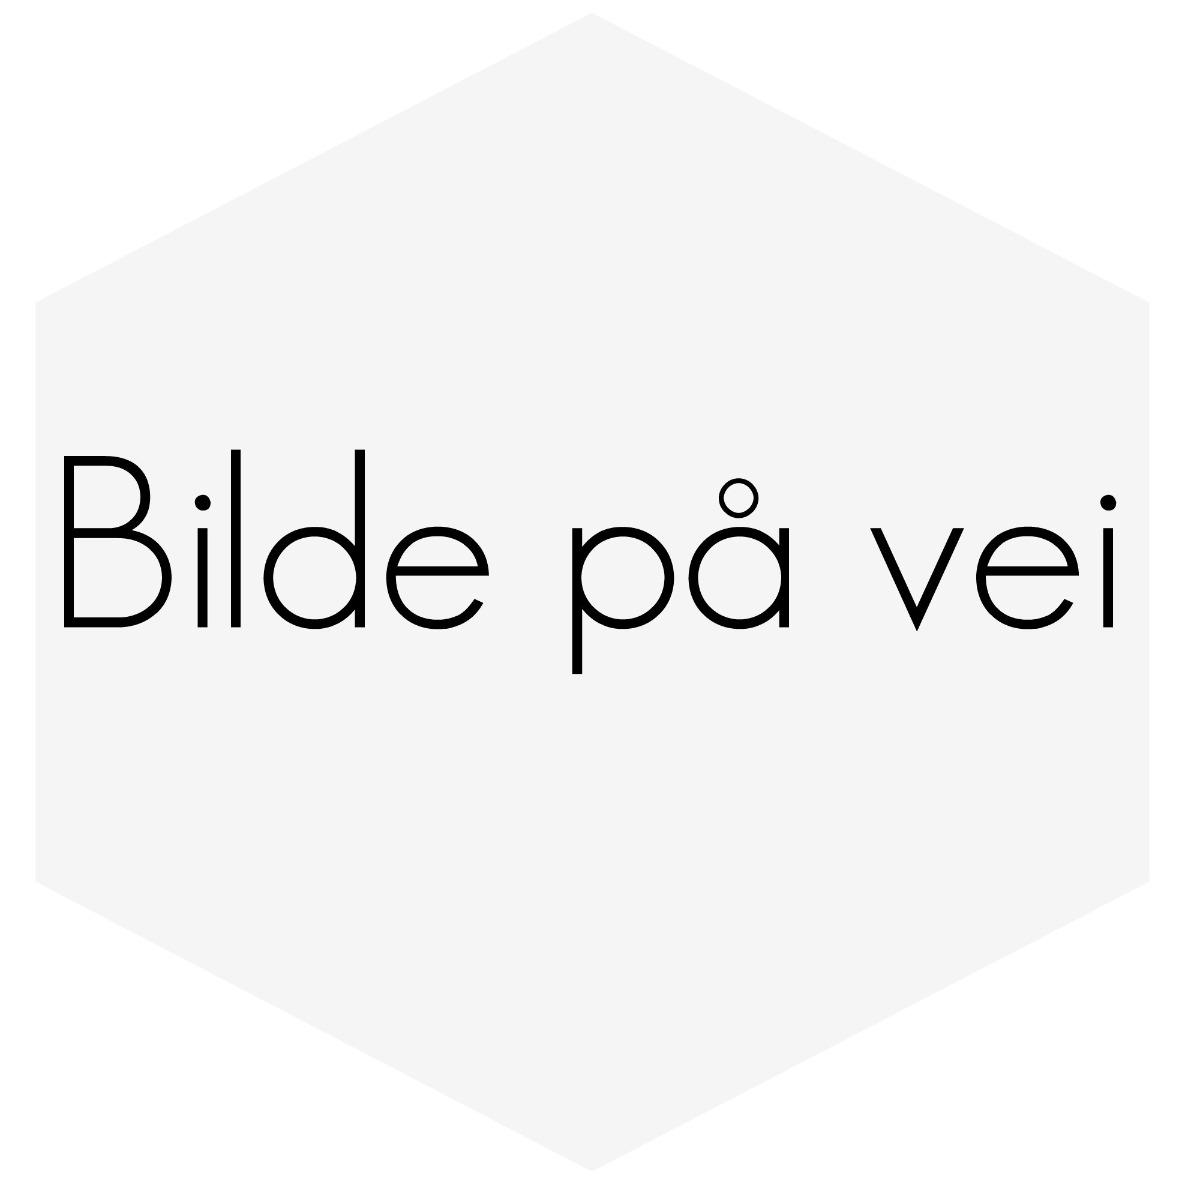 STAB.LINK/STAG PÅ BAKAKSEL S60,S80,V70N,XC70  8672446